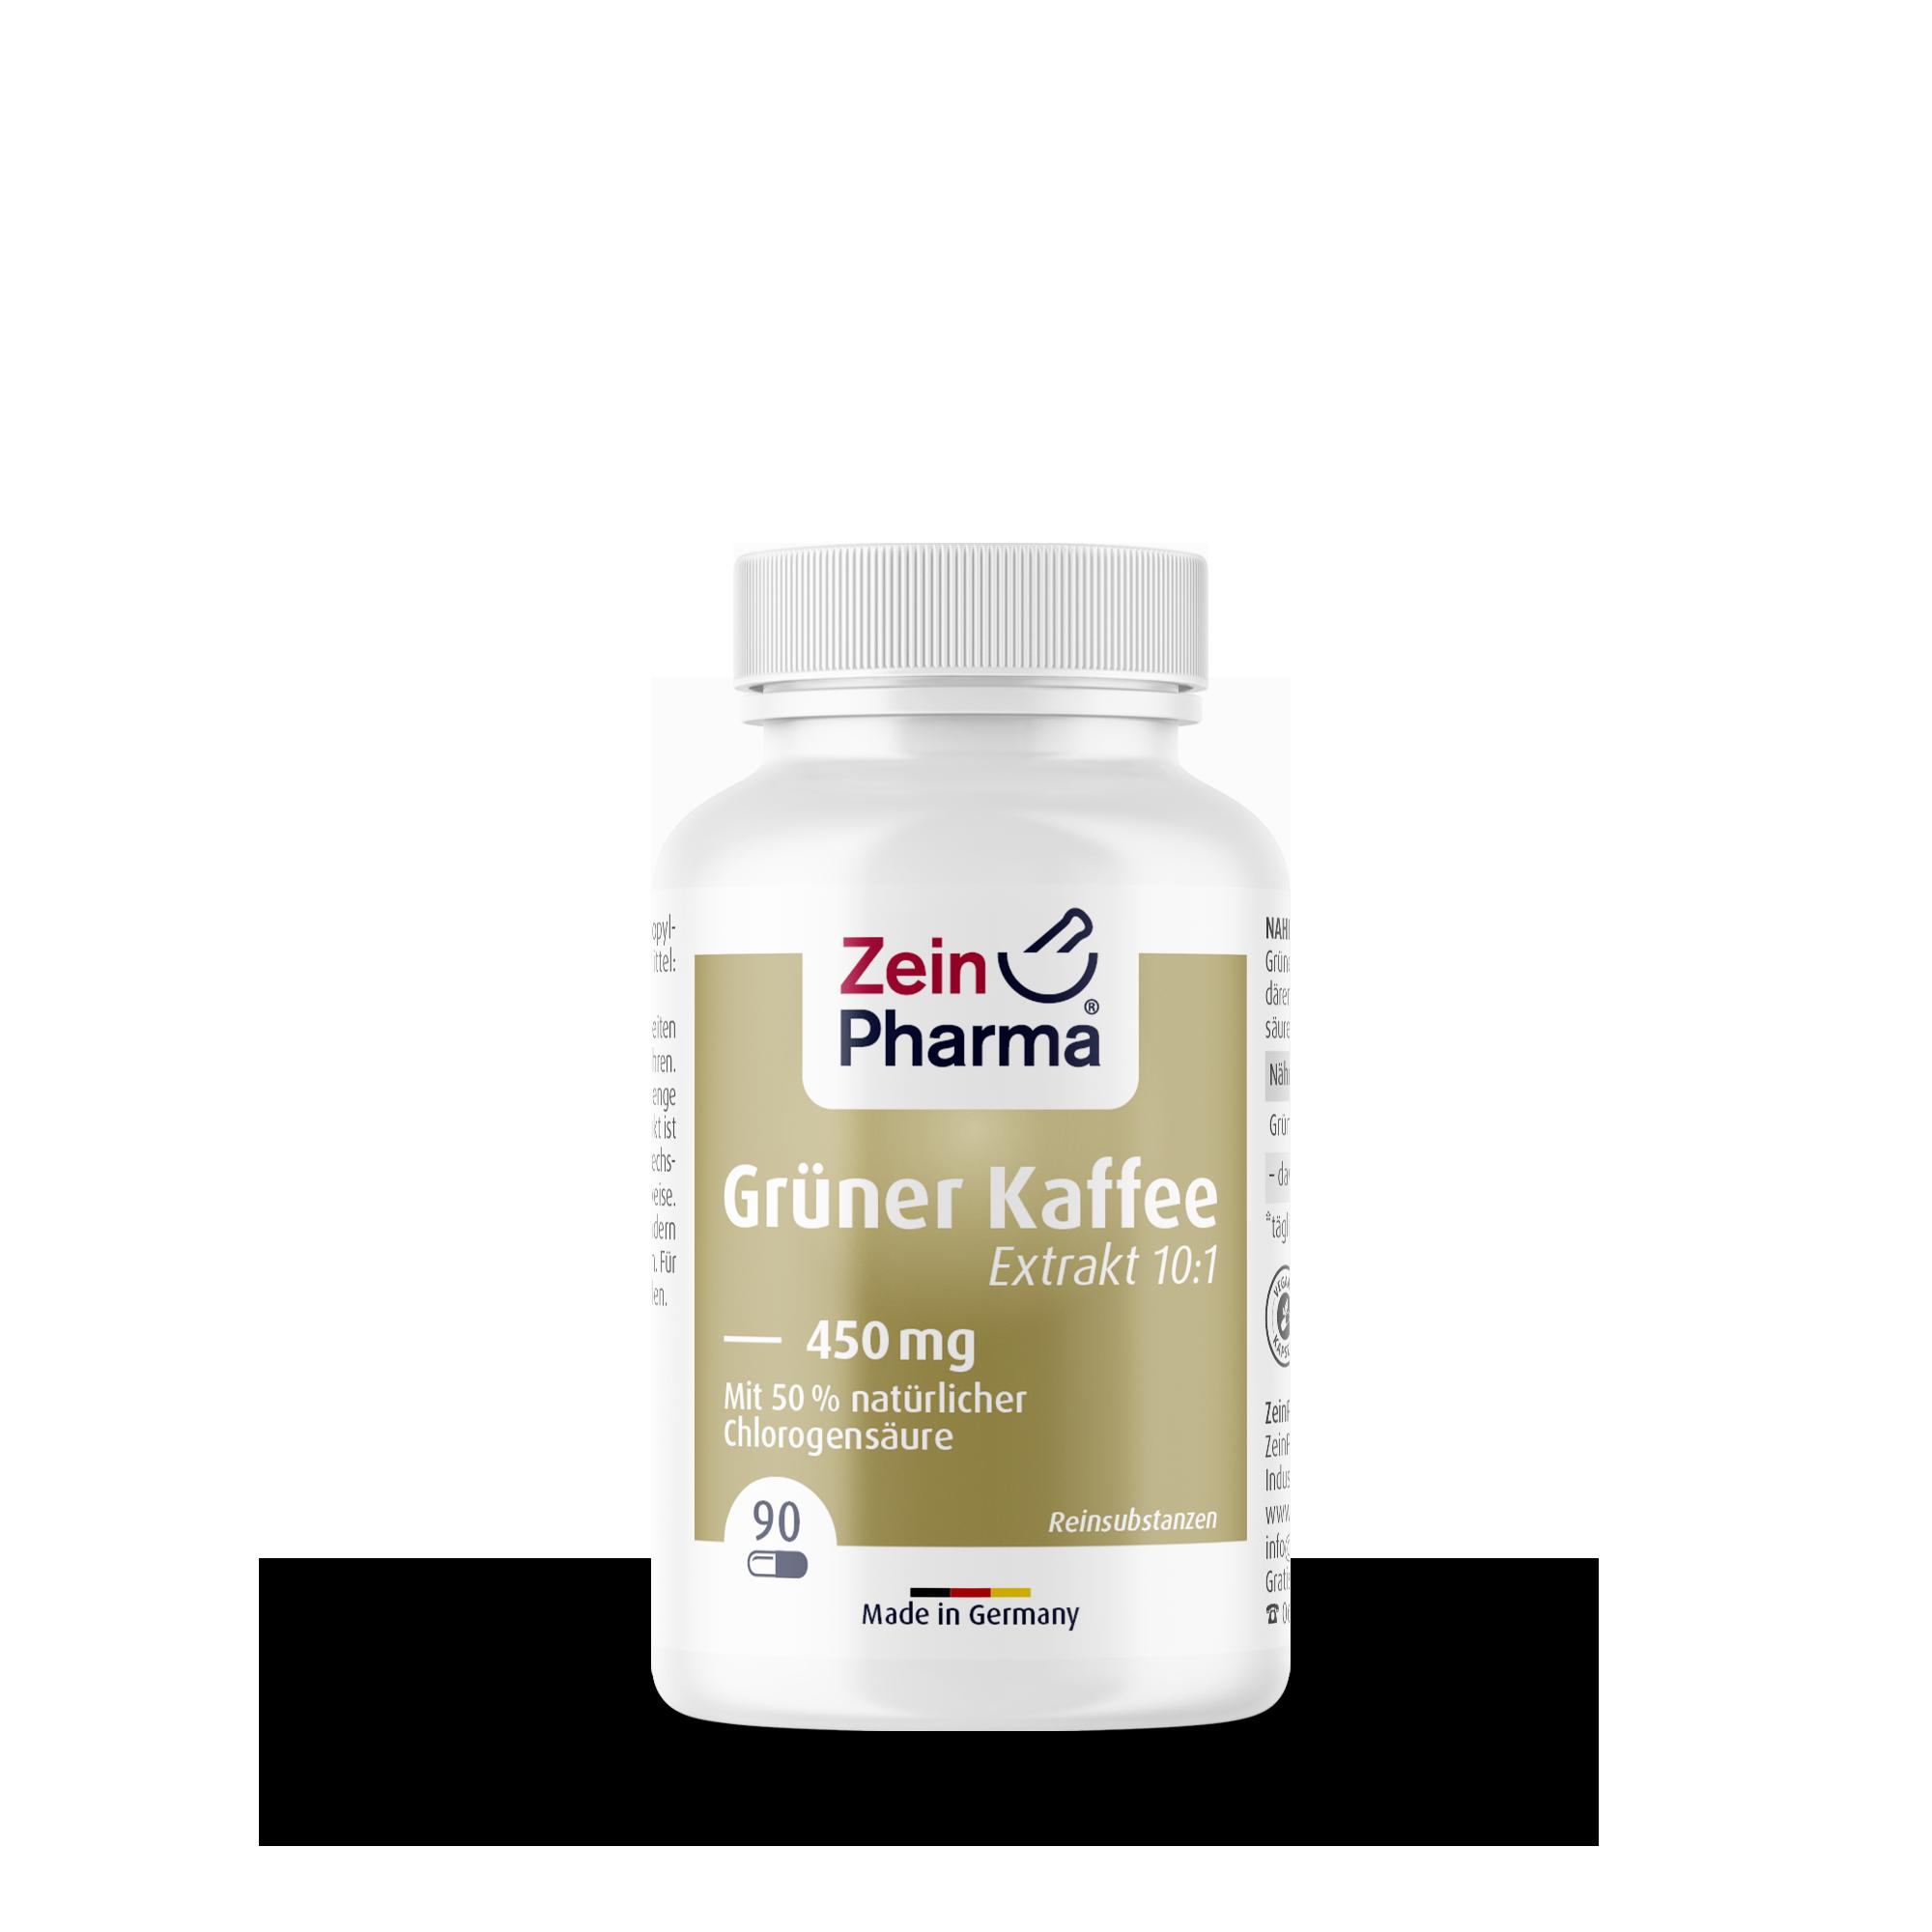 Grüner Kaffee Extrakt 450 mg